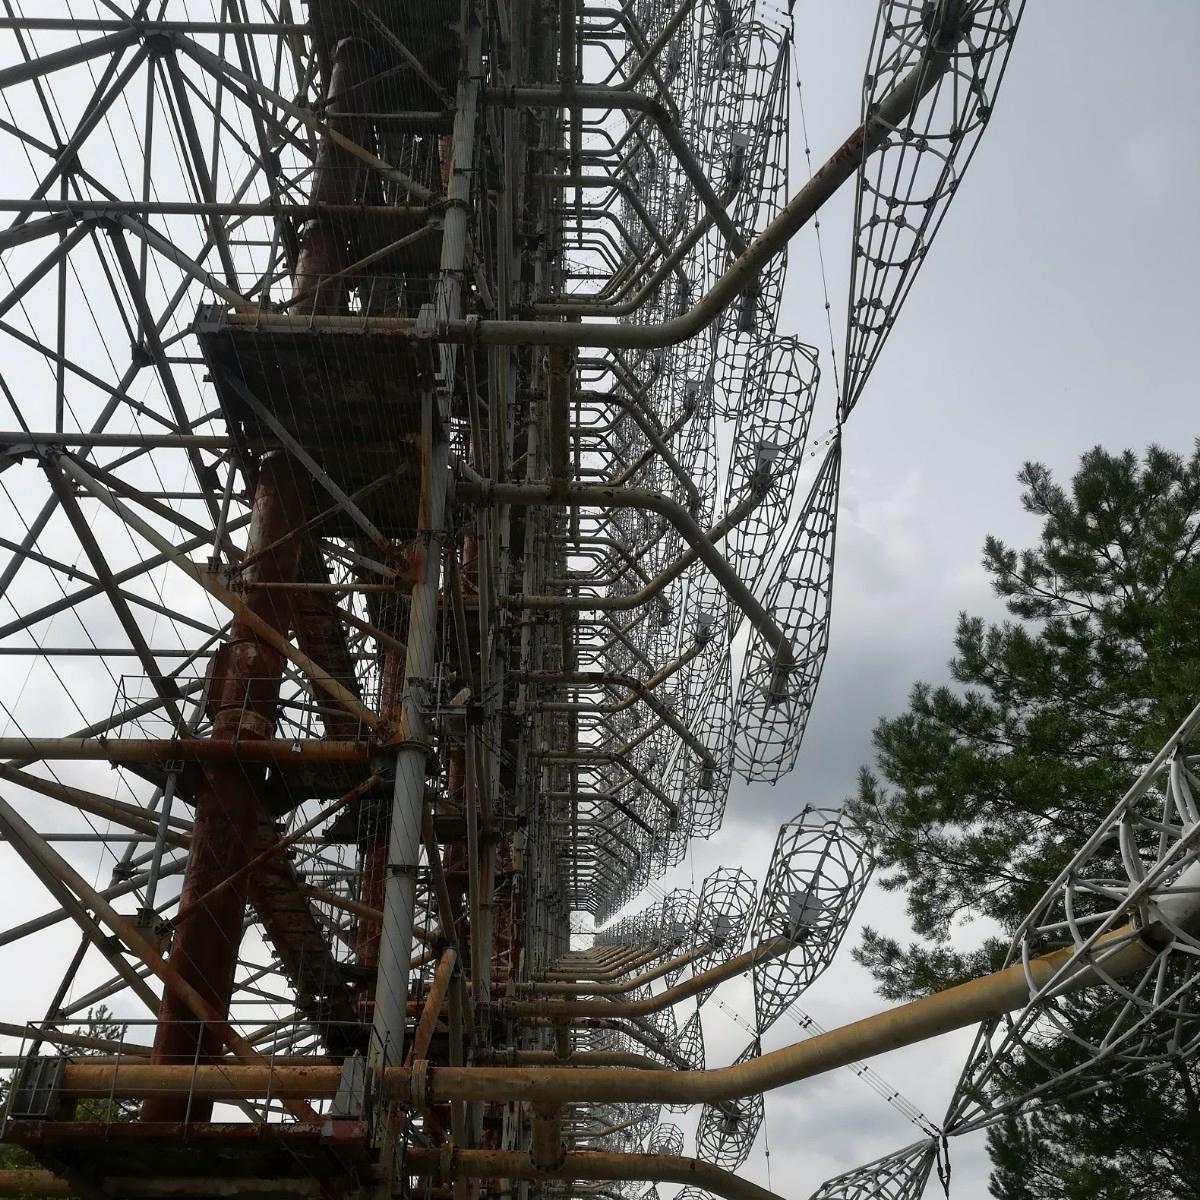 Tino Schlench - Literaturpalast - Tschernobyl-Radaranlage